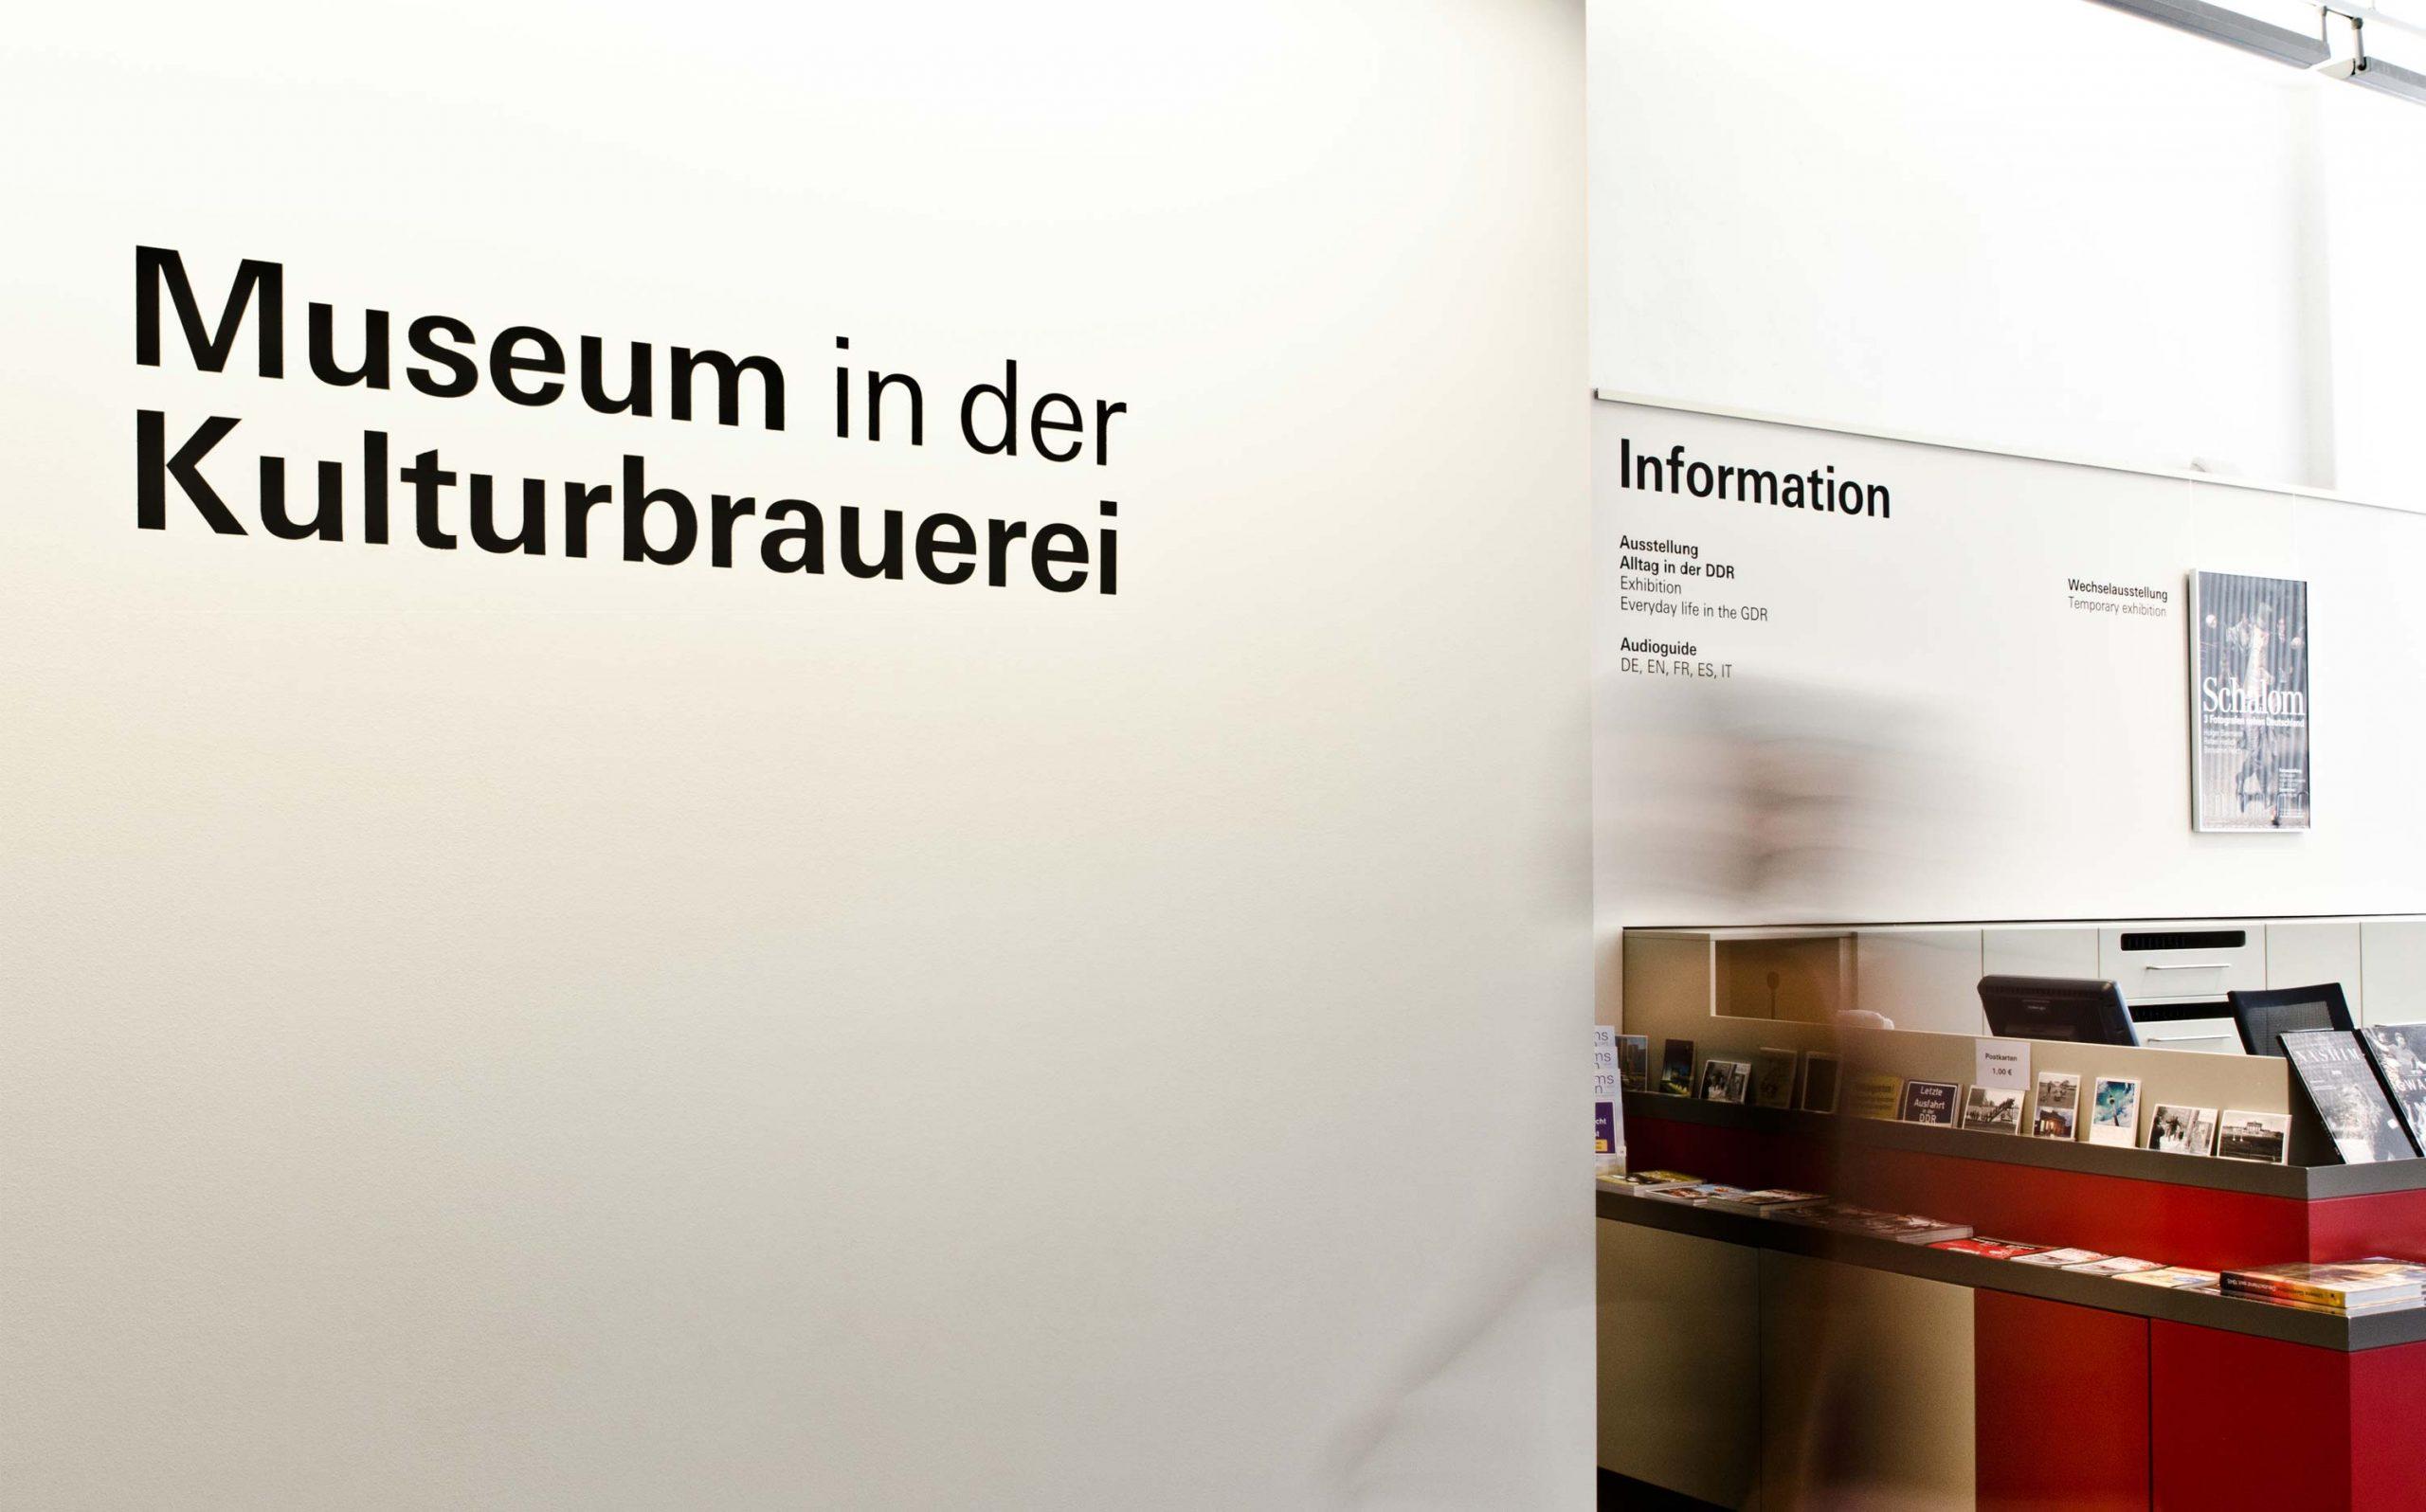 Eingangsbereich des Museums in der Kulturbrauerei mit Wandbeschriftung (Schablonierung), im Hintergrund die Informationstheke. Elemente: Schrift (Univers Regular und Univers Bold)